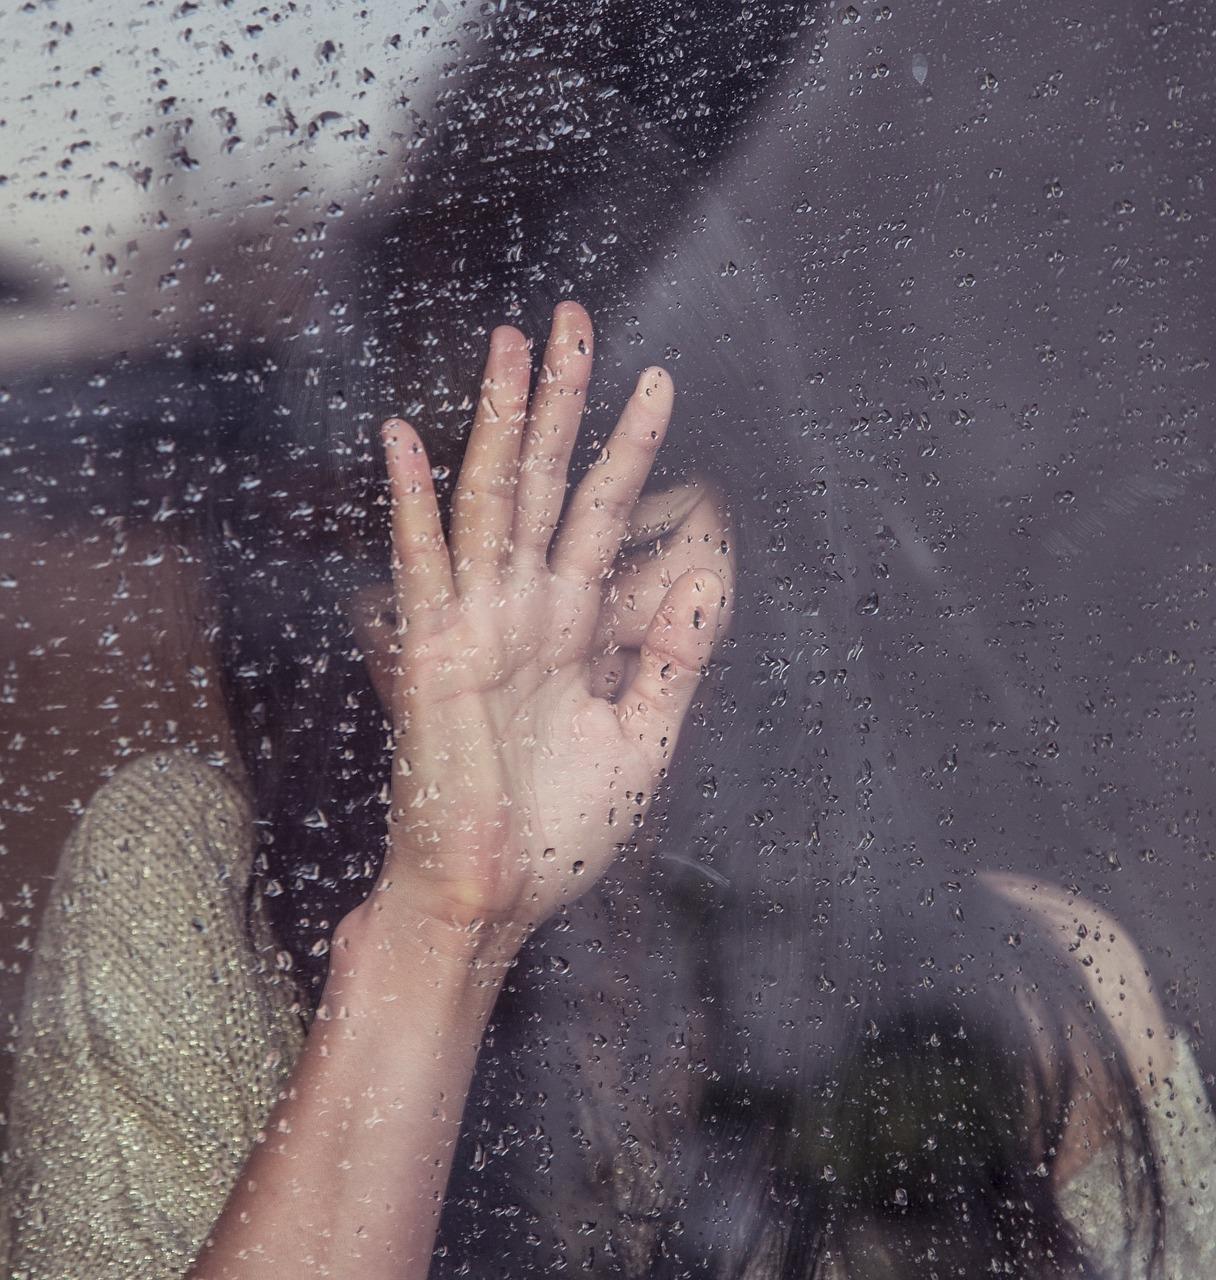 השיר של קמה שיר מיוצג בידי אישה שמחפשת מענה לחוסר פנימי